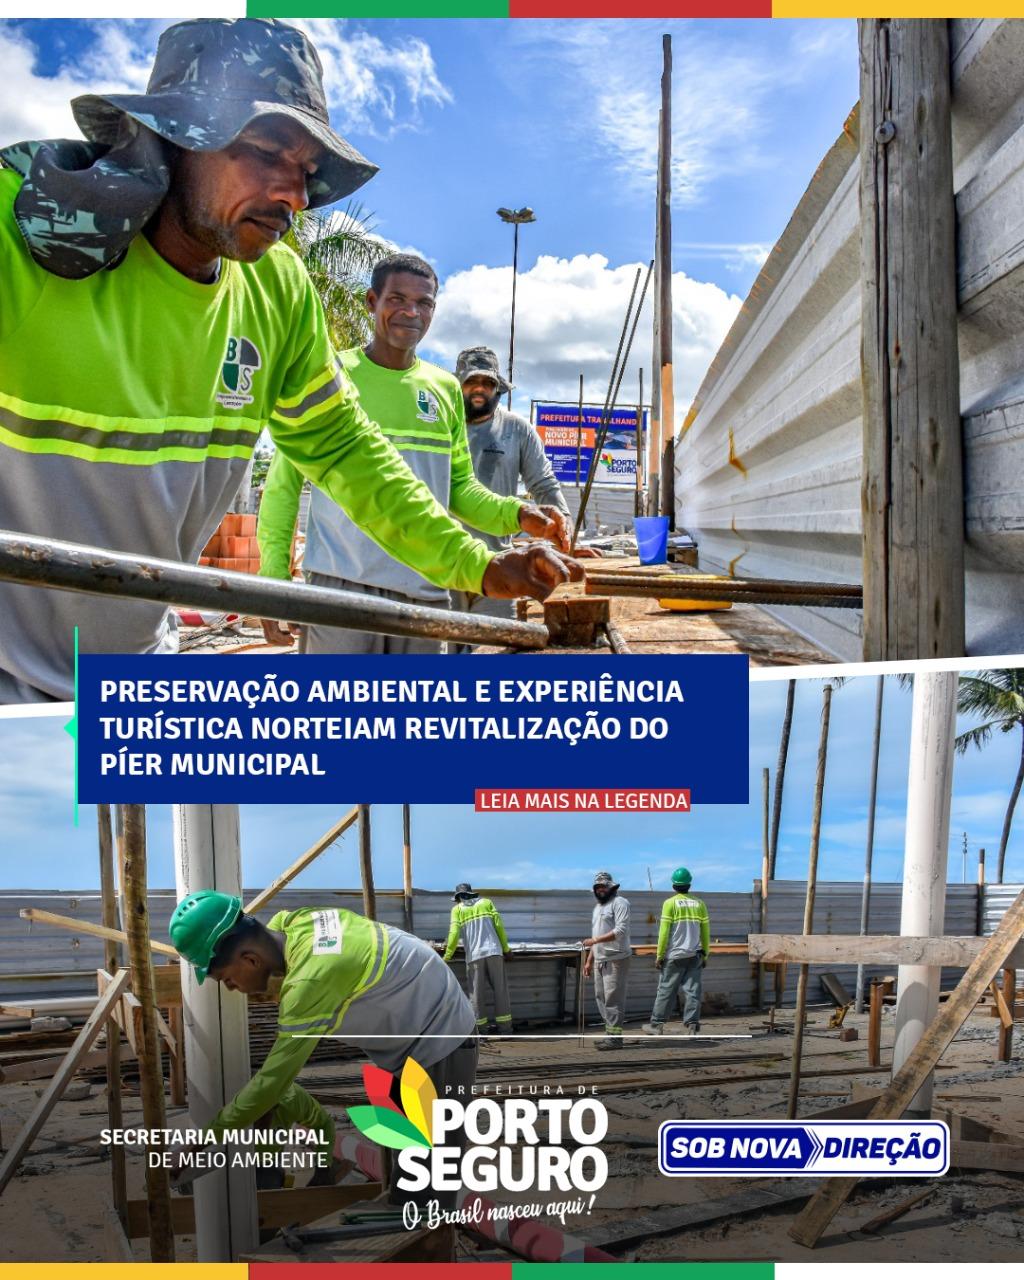 Preservação ambiental e experiência turística norteiam revitalização do Píer Municipal 18